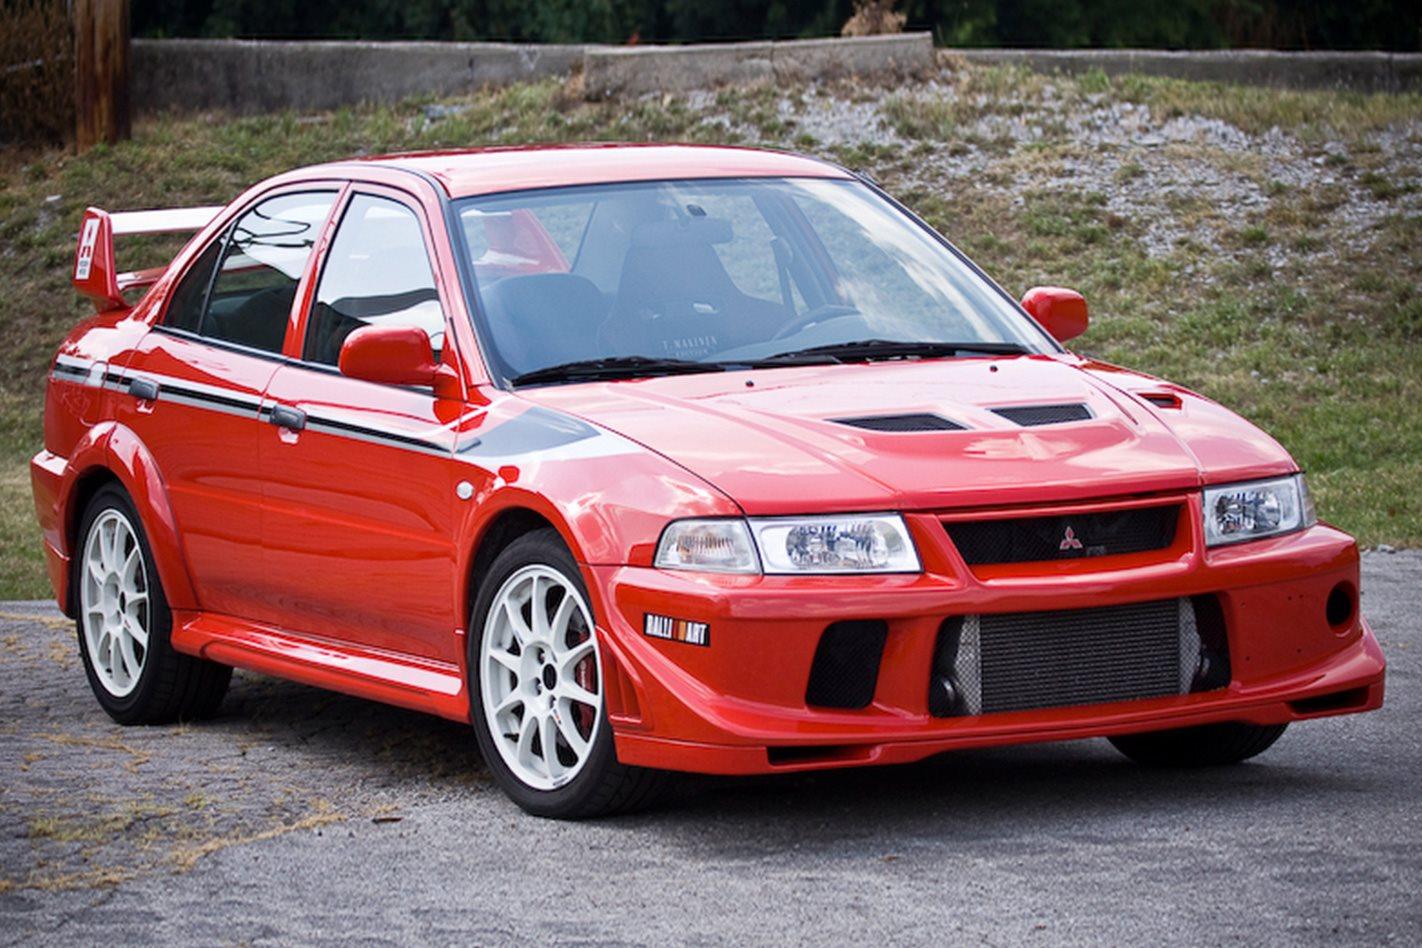 2000-Mitsubishi-Lancer-Evolution-VI-Tommi-Makinen-Edition.jpg